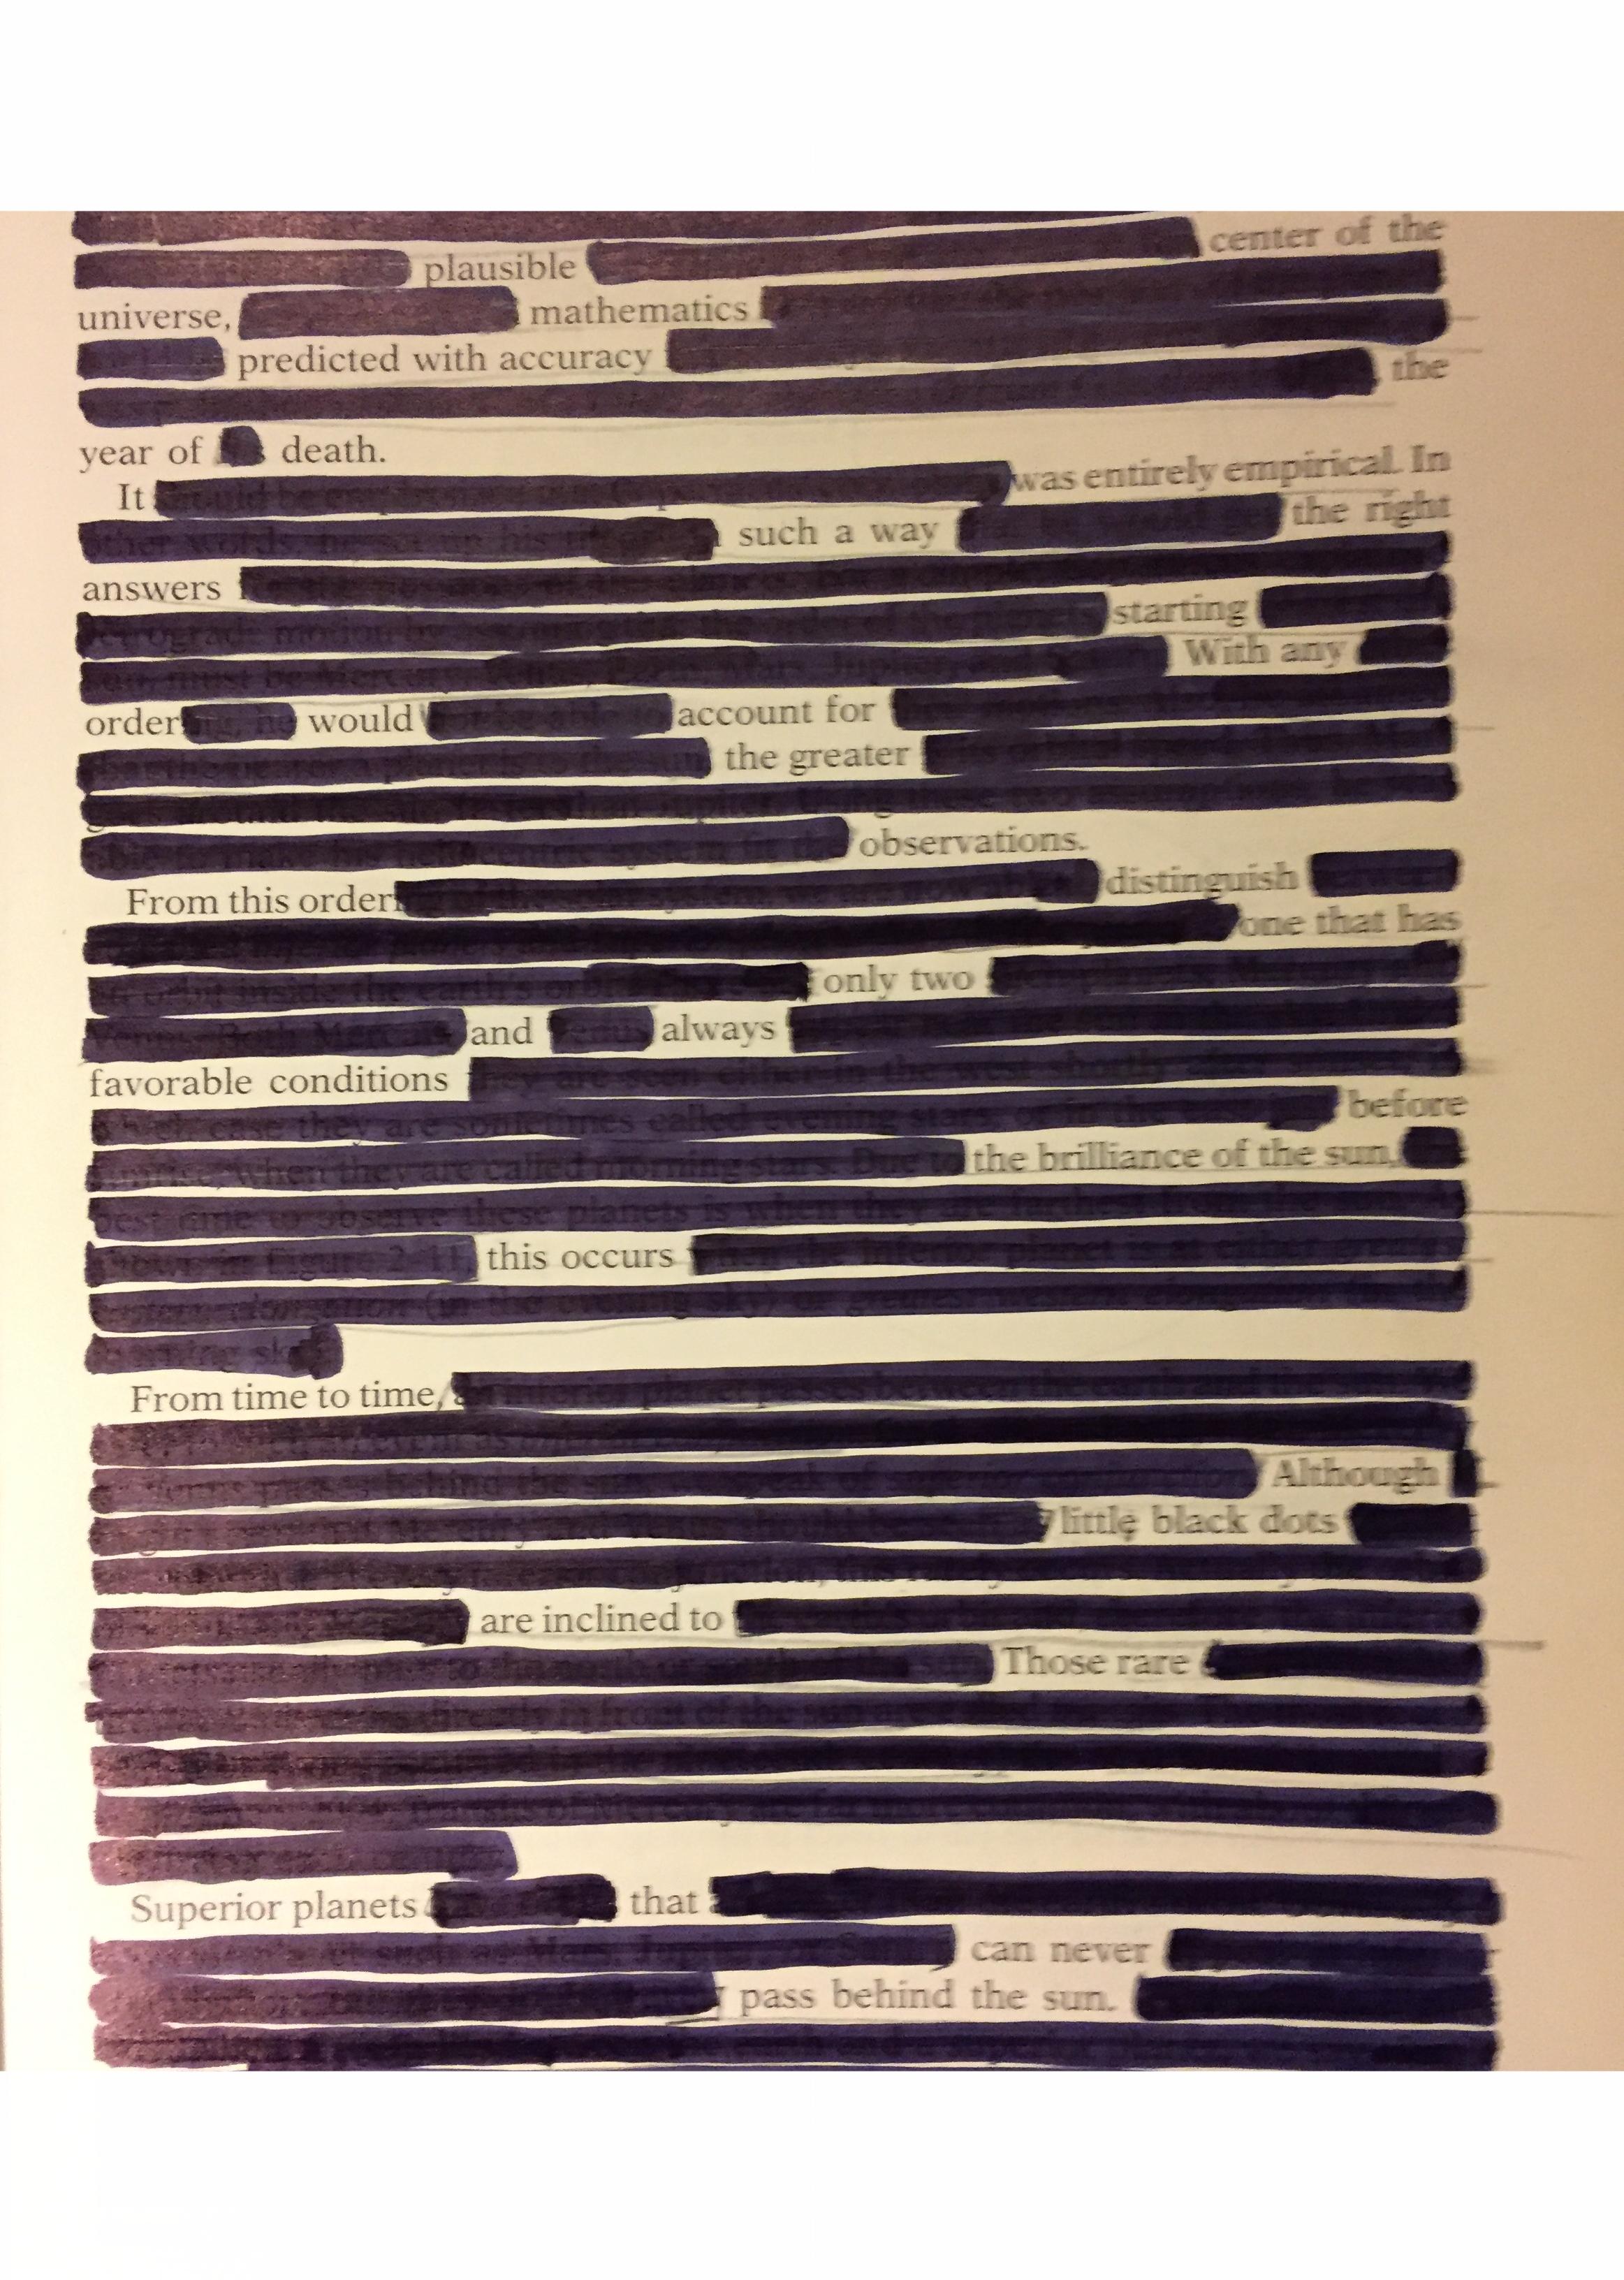 Blackout Poetry 11.JPG